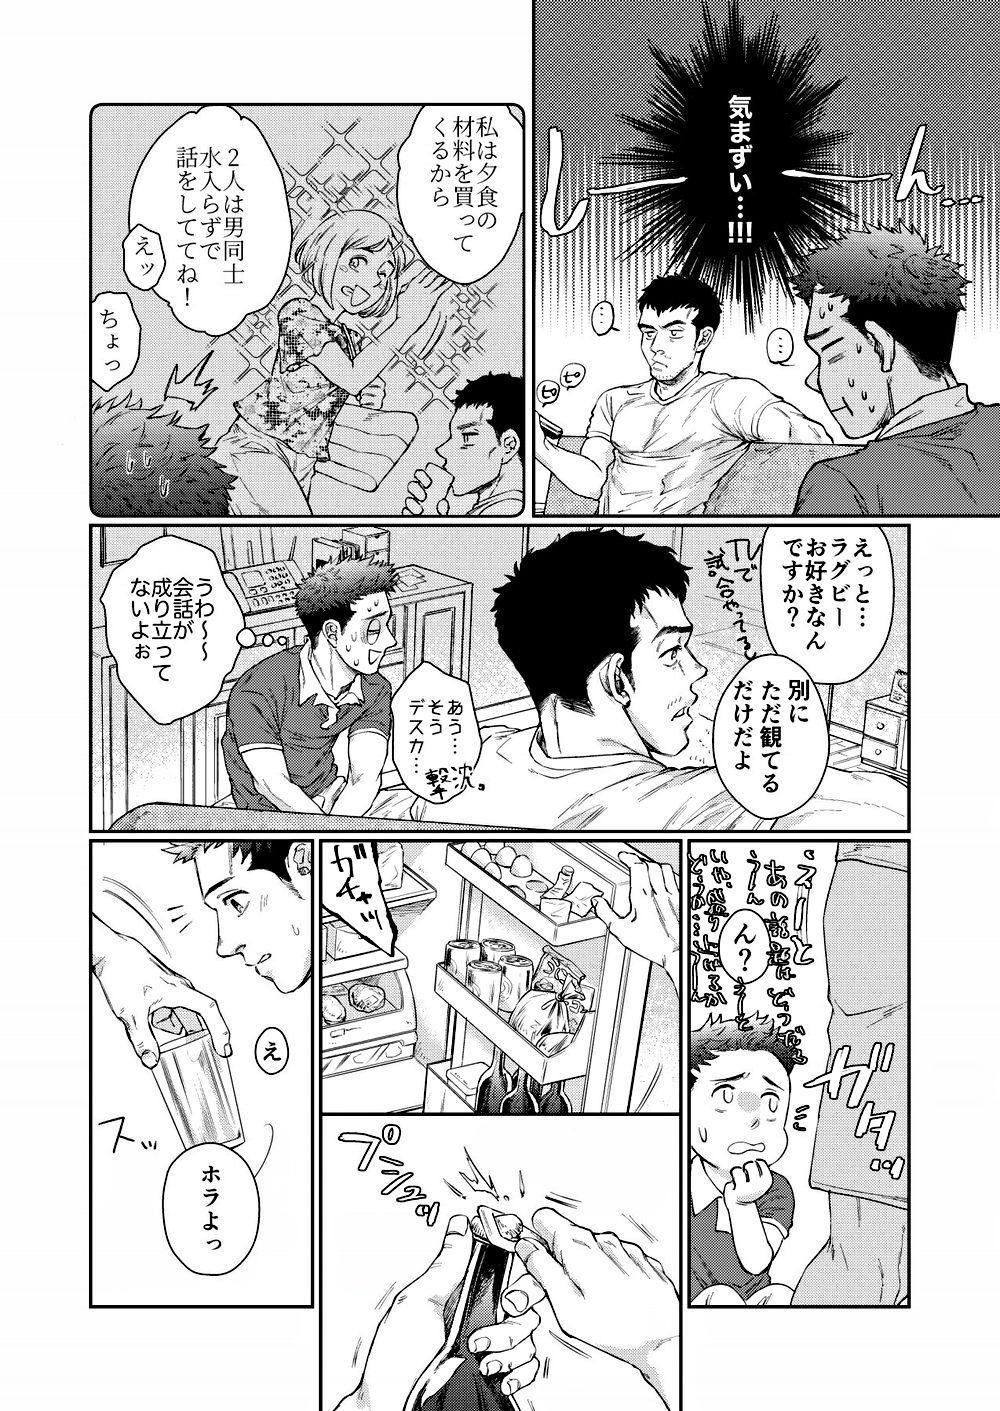 Kamishimo o nuide hitotsu bureikō 6